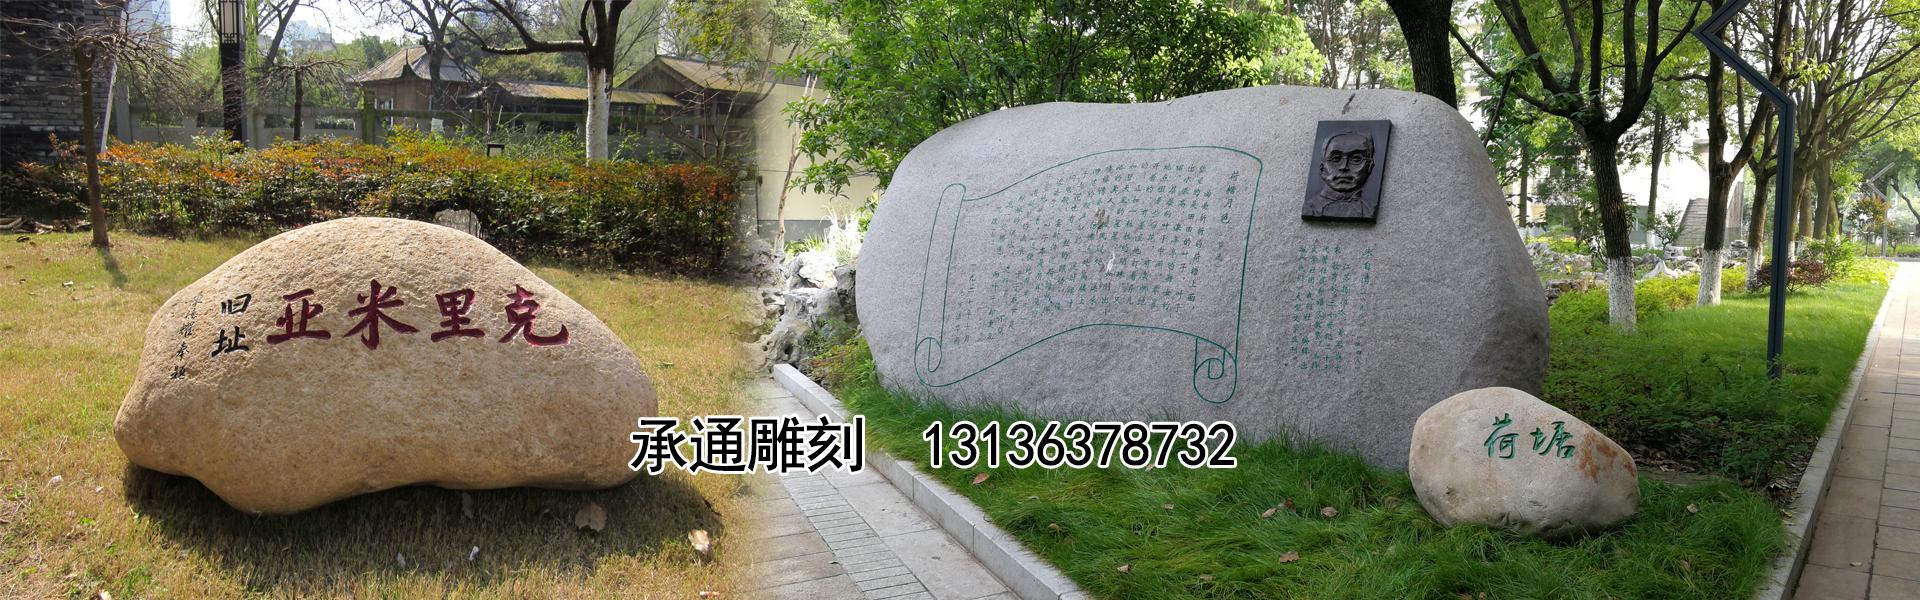 宁波景观石刻字